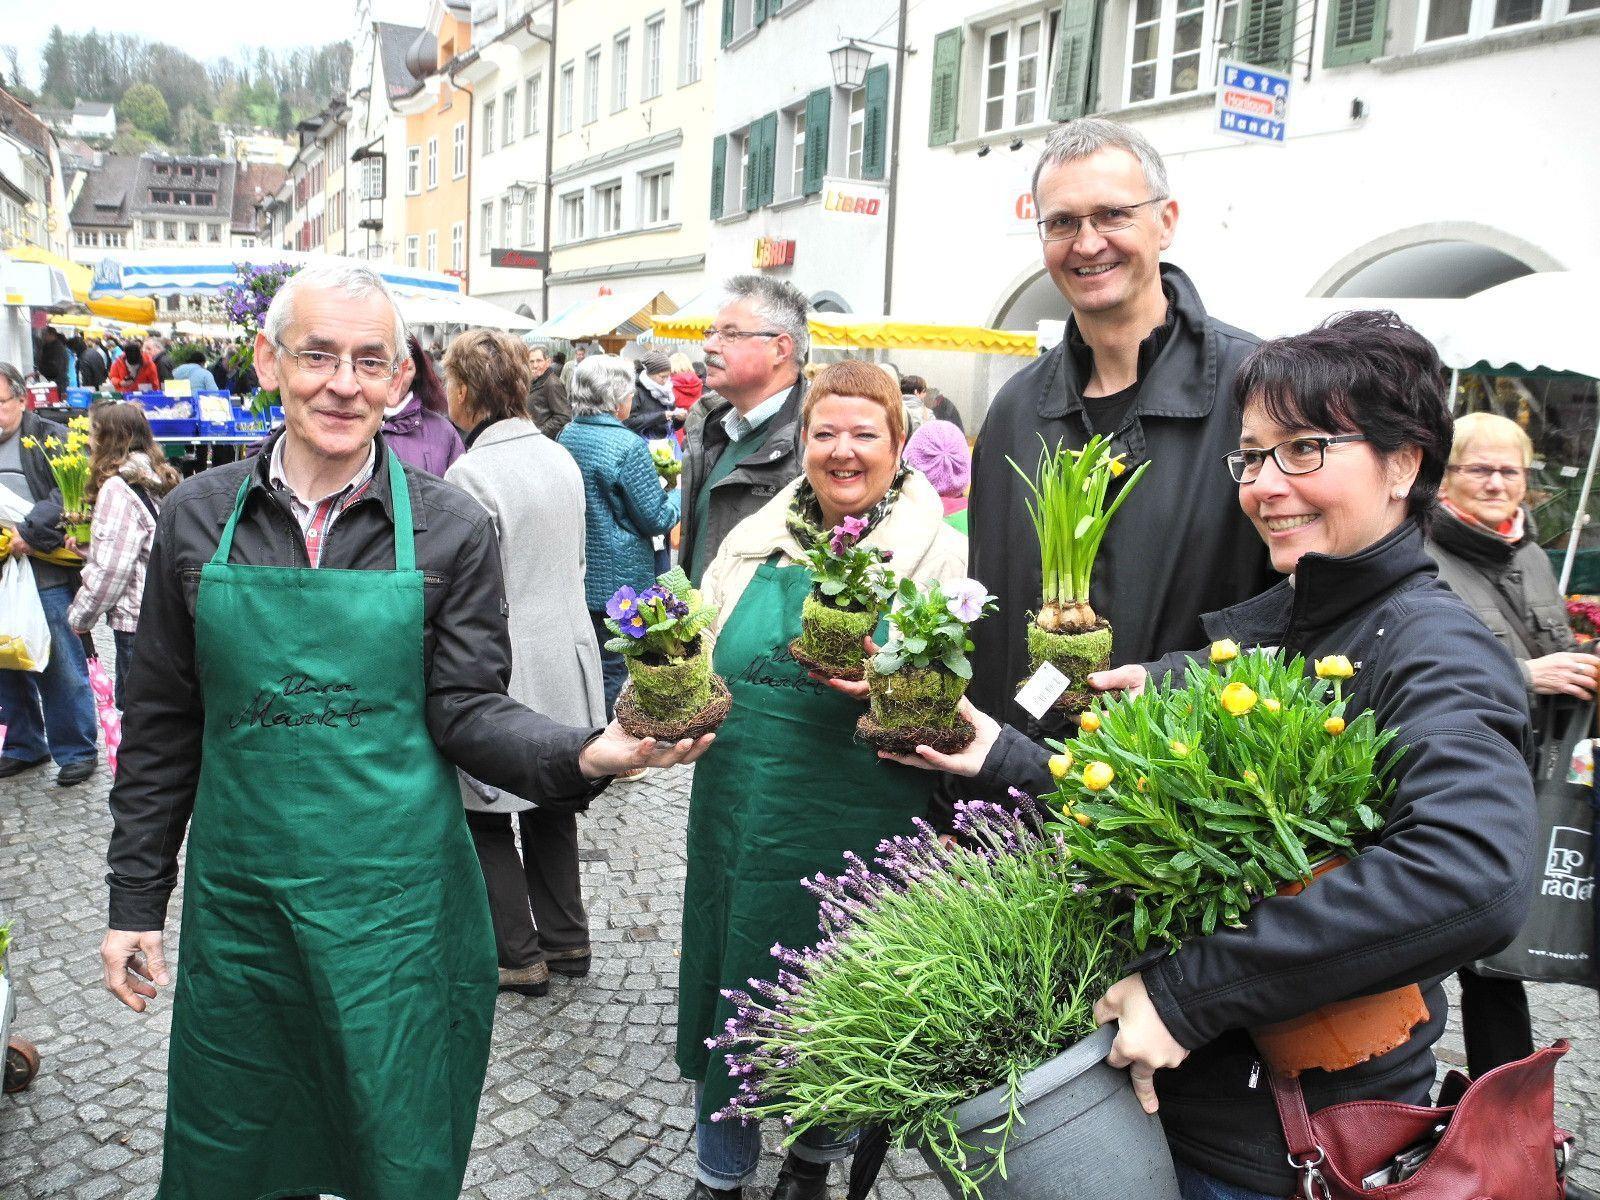 """(l.) """"Quadro Ernst"""" und seine Kollegin Karin Fink verteilten im Namen der Stadt Oster-Blumen-Grüße an die Marktbesucher"""